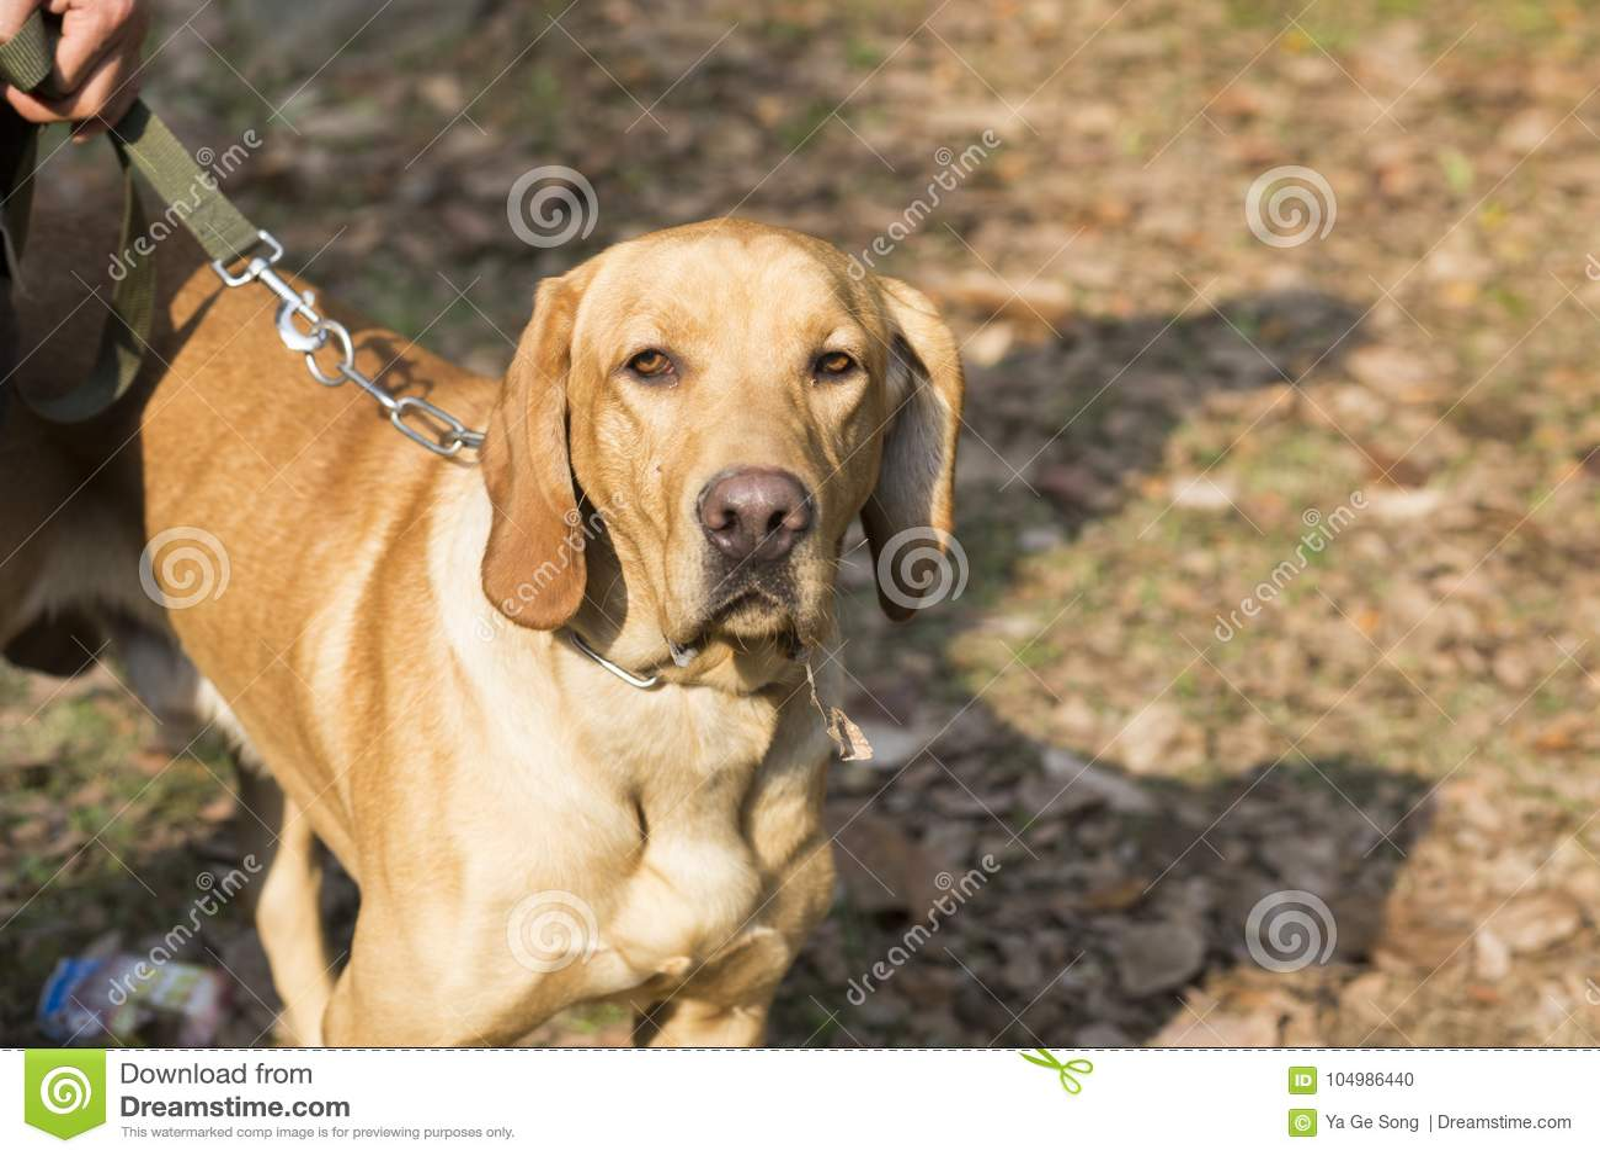 Hintere Ansicht eines Welpenhundes auf einem grauen Hintergrund